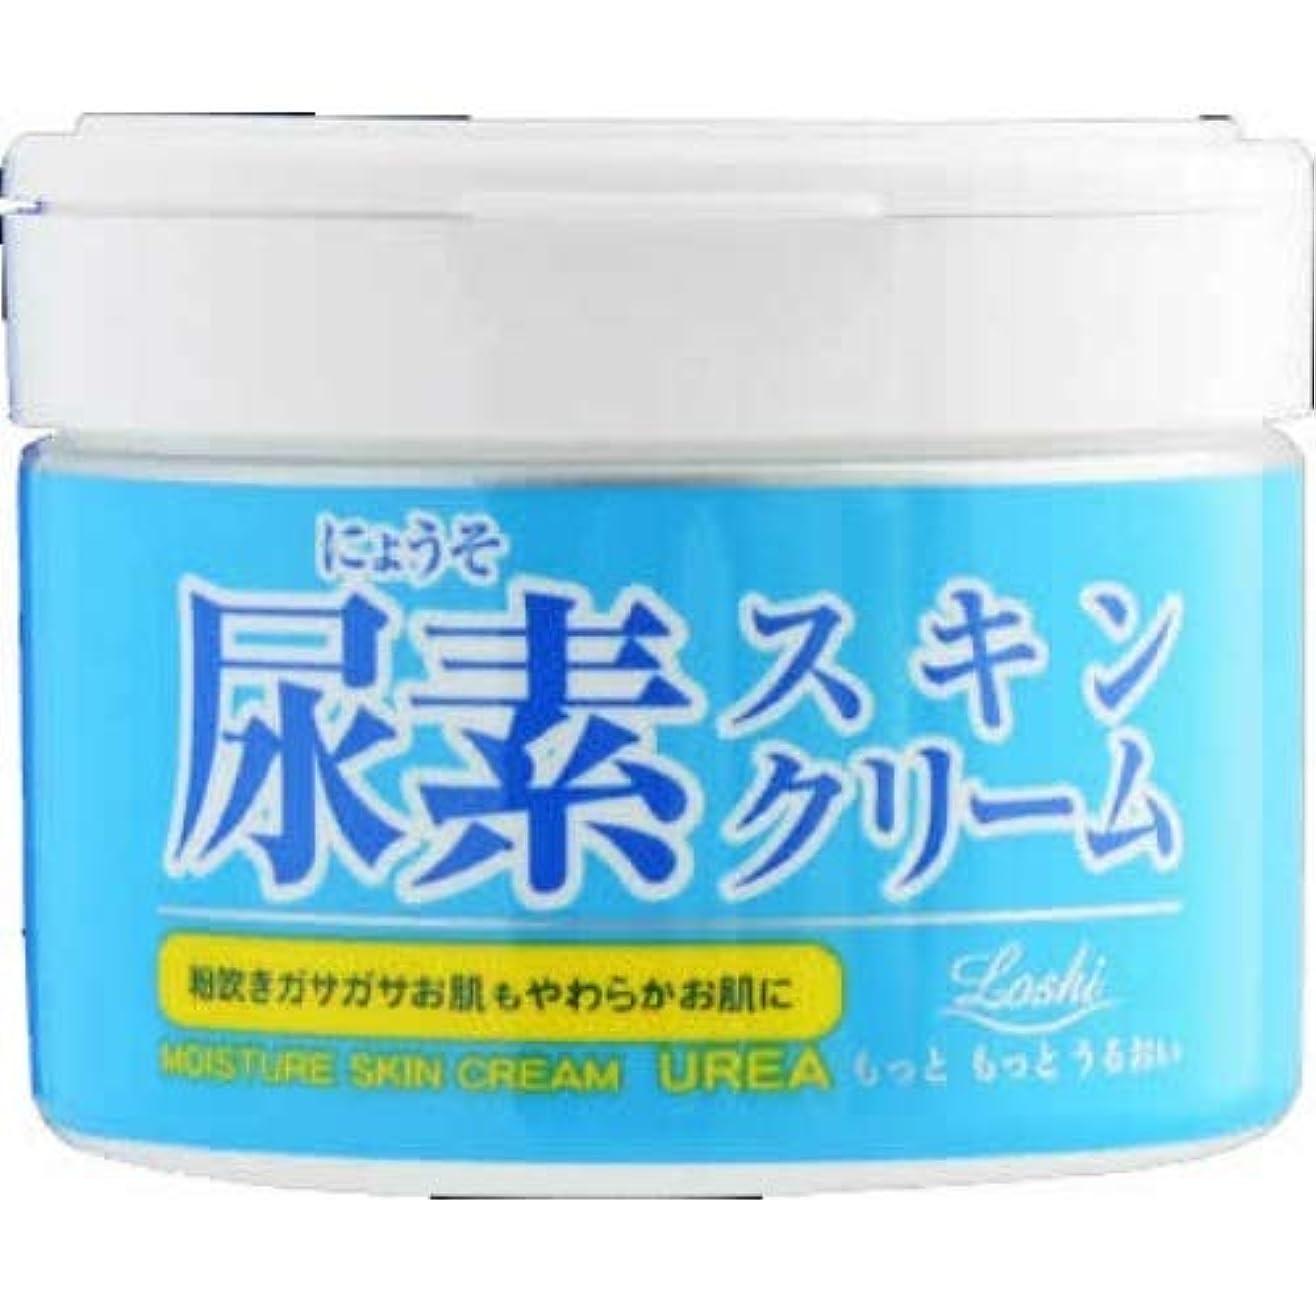 スペクトラム魔女レッドデートロッシモイストエイド 尿素スキンクリーム × 2個セット